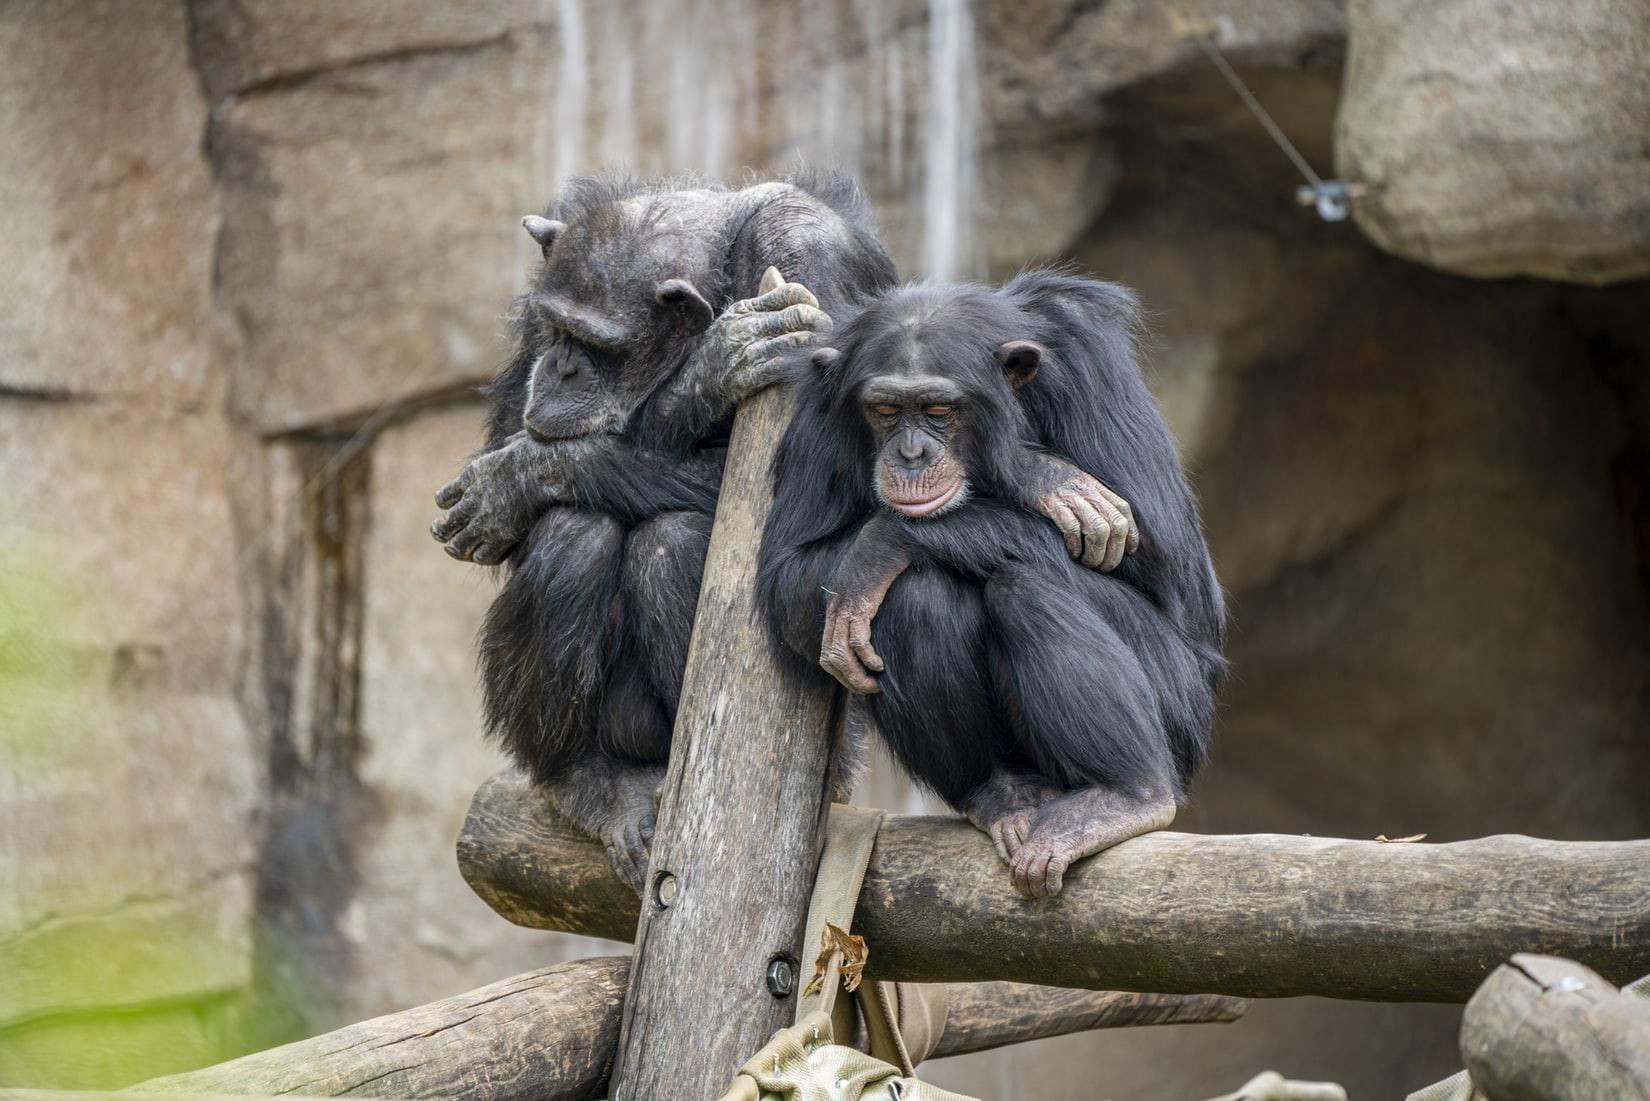 Zwei schlafende Affen auf einem Holzgerüst